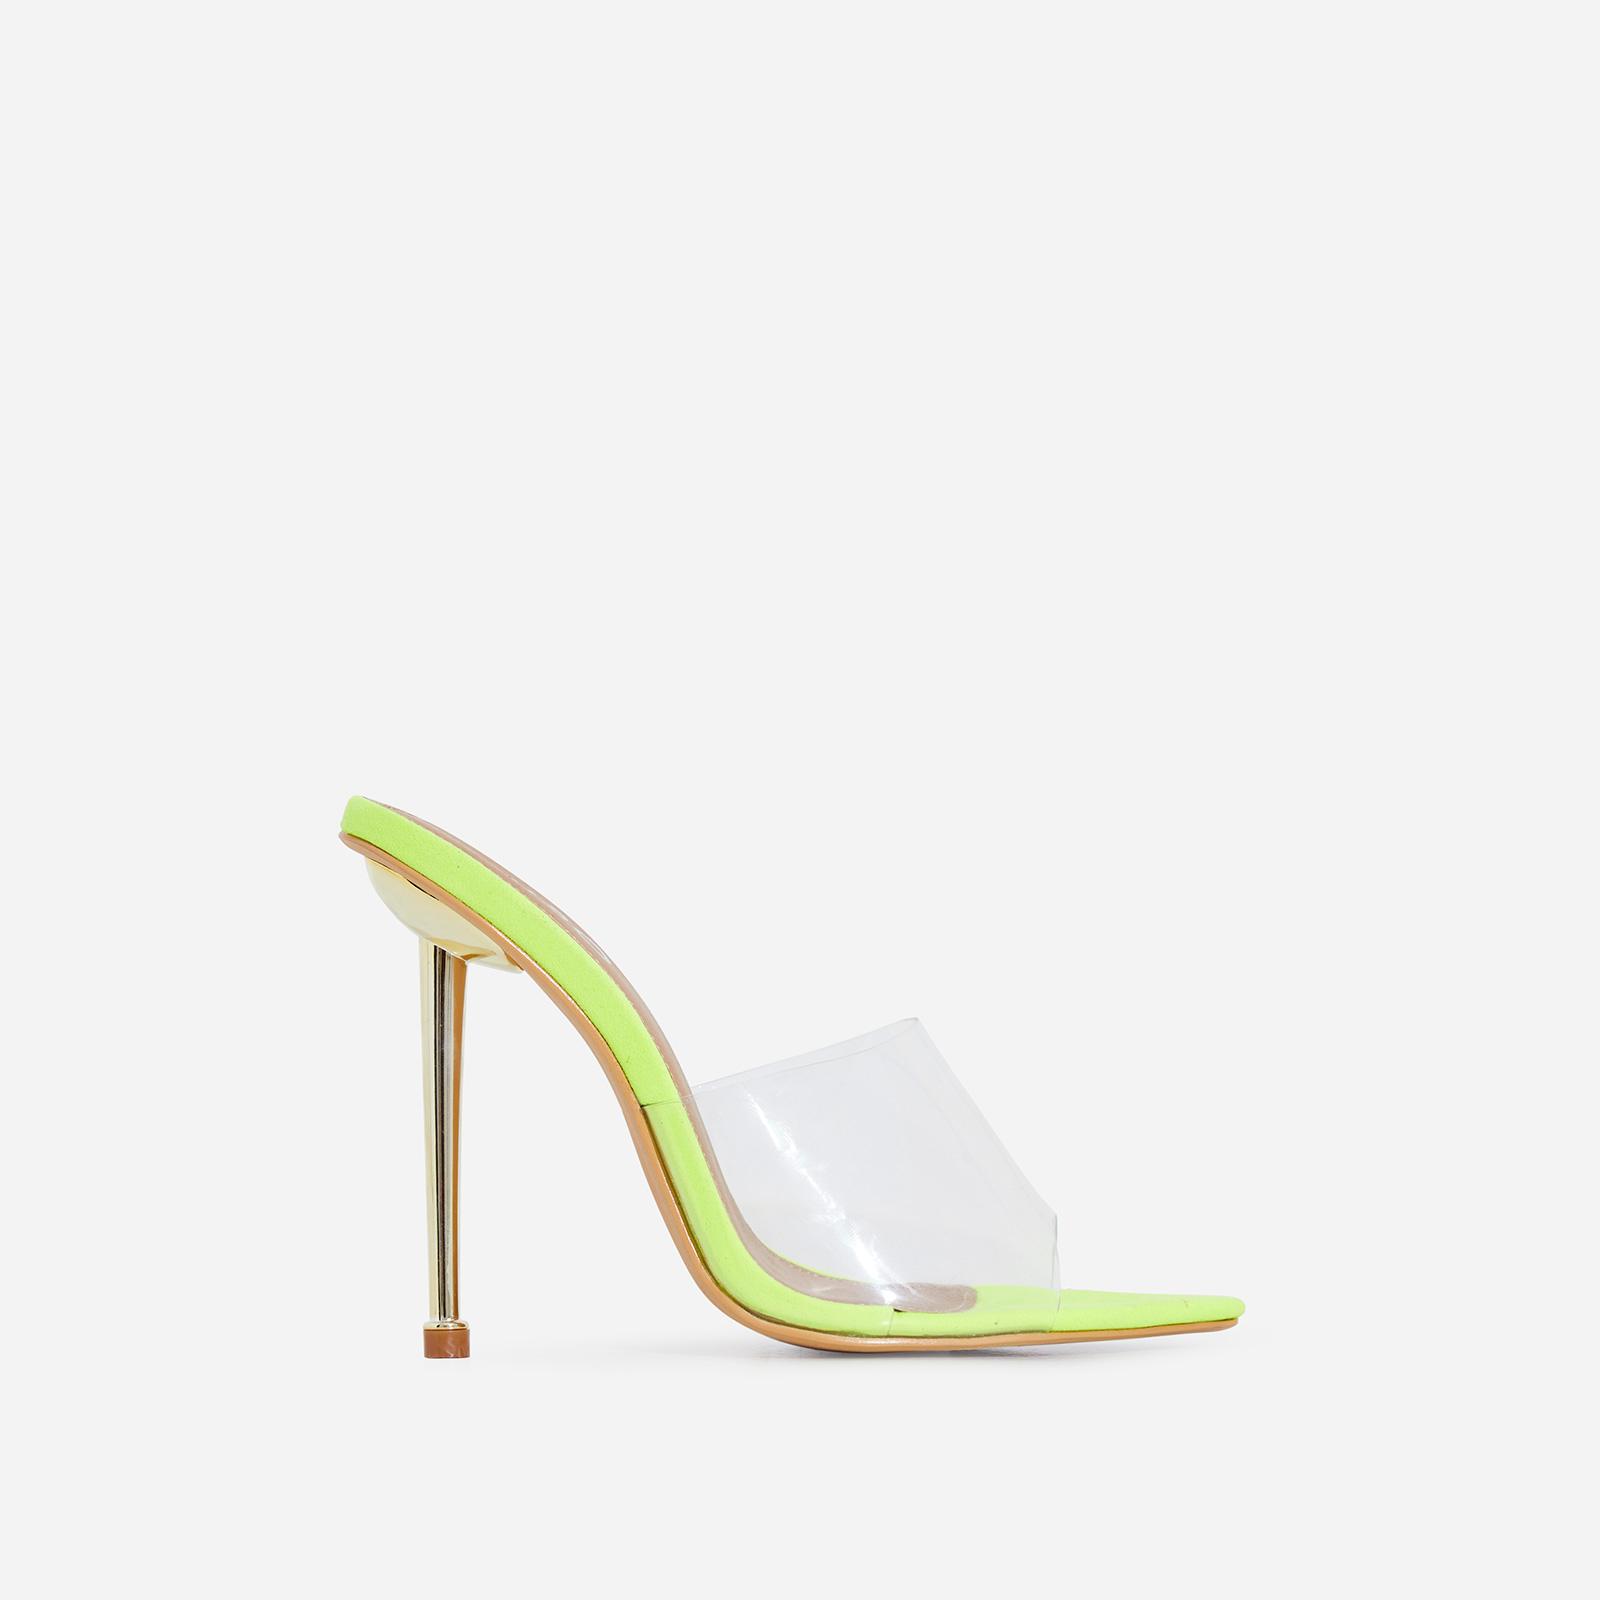 KingKing Perspex Pointed Peep Toe Heel Mule In Lime Green Faux Suede